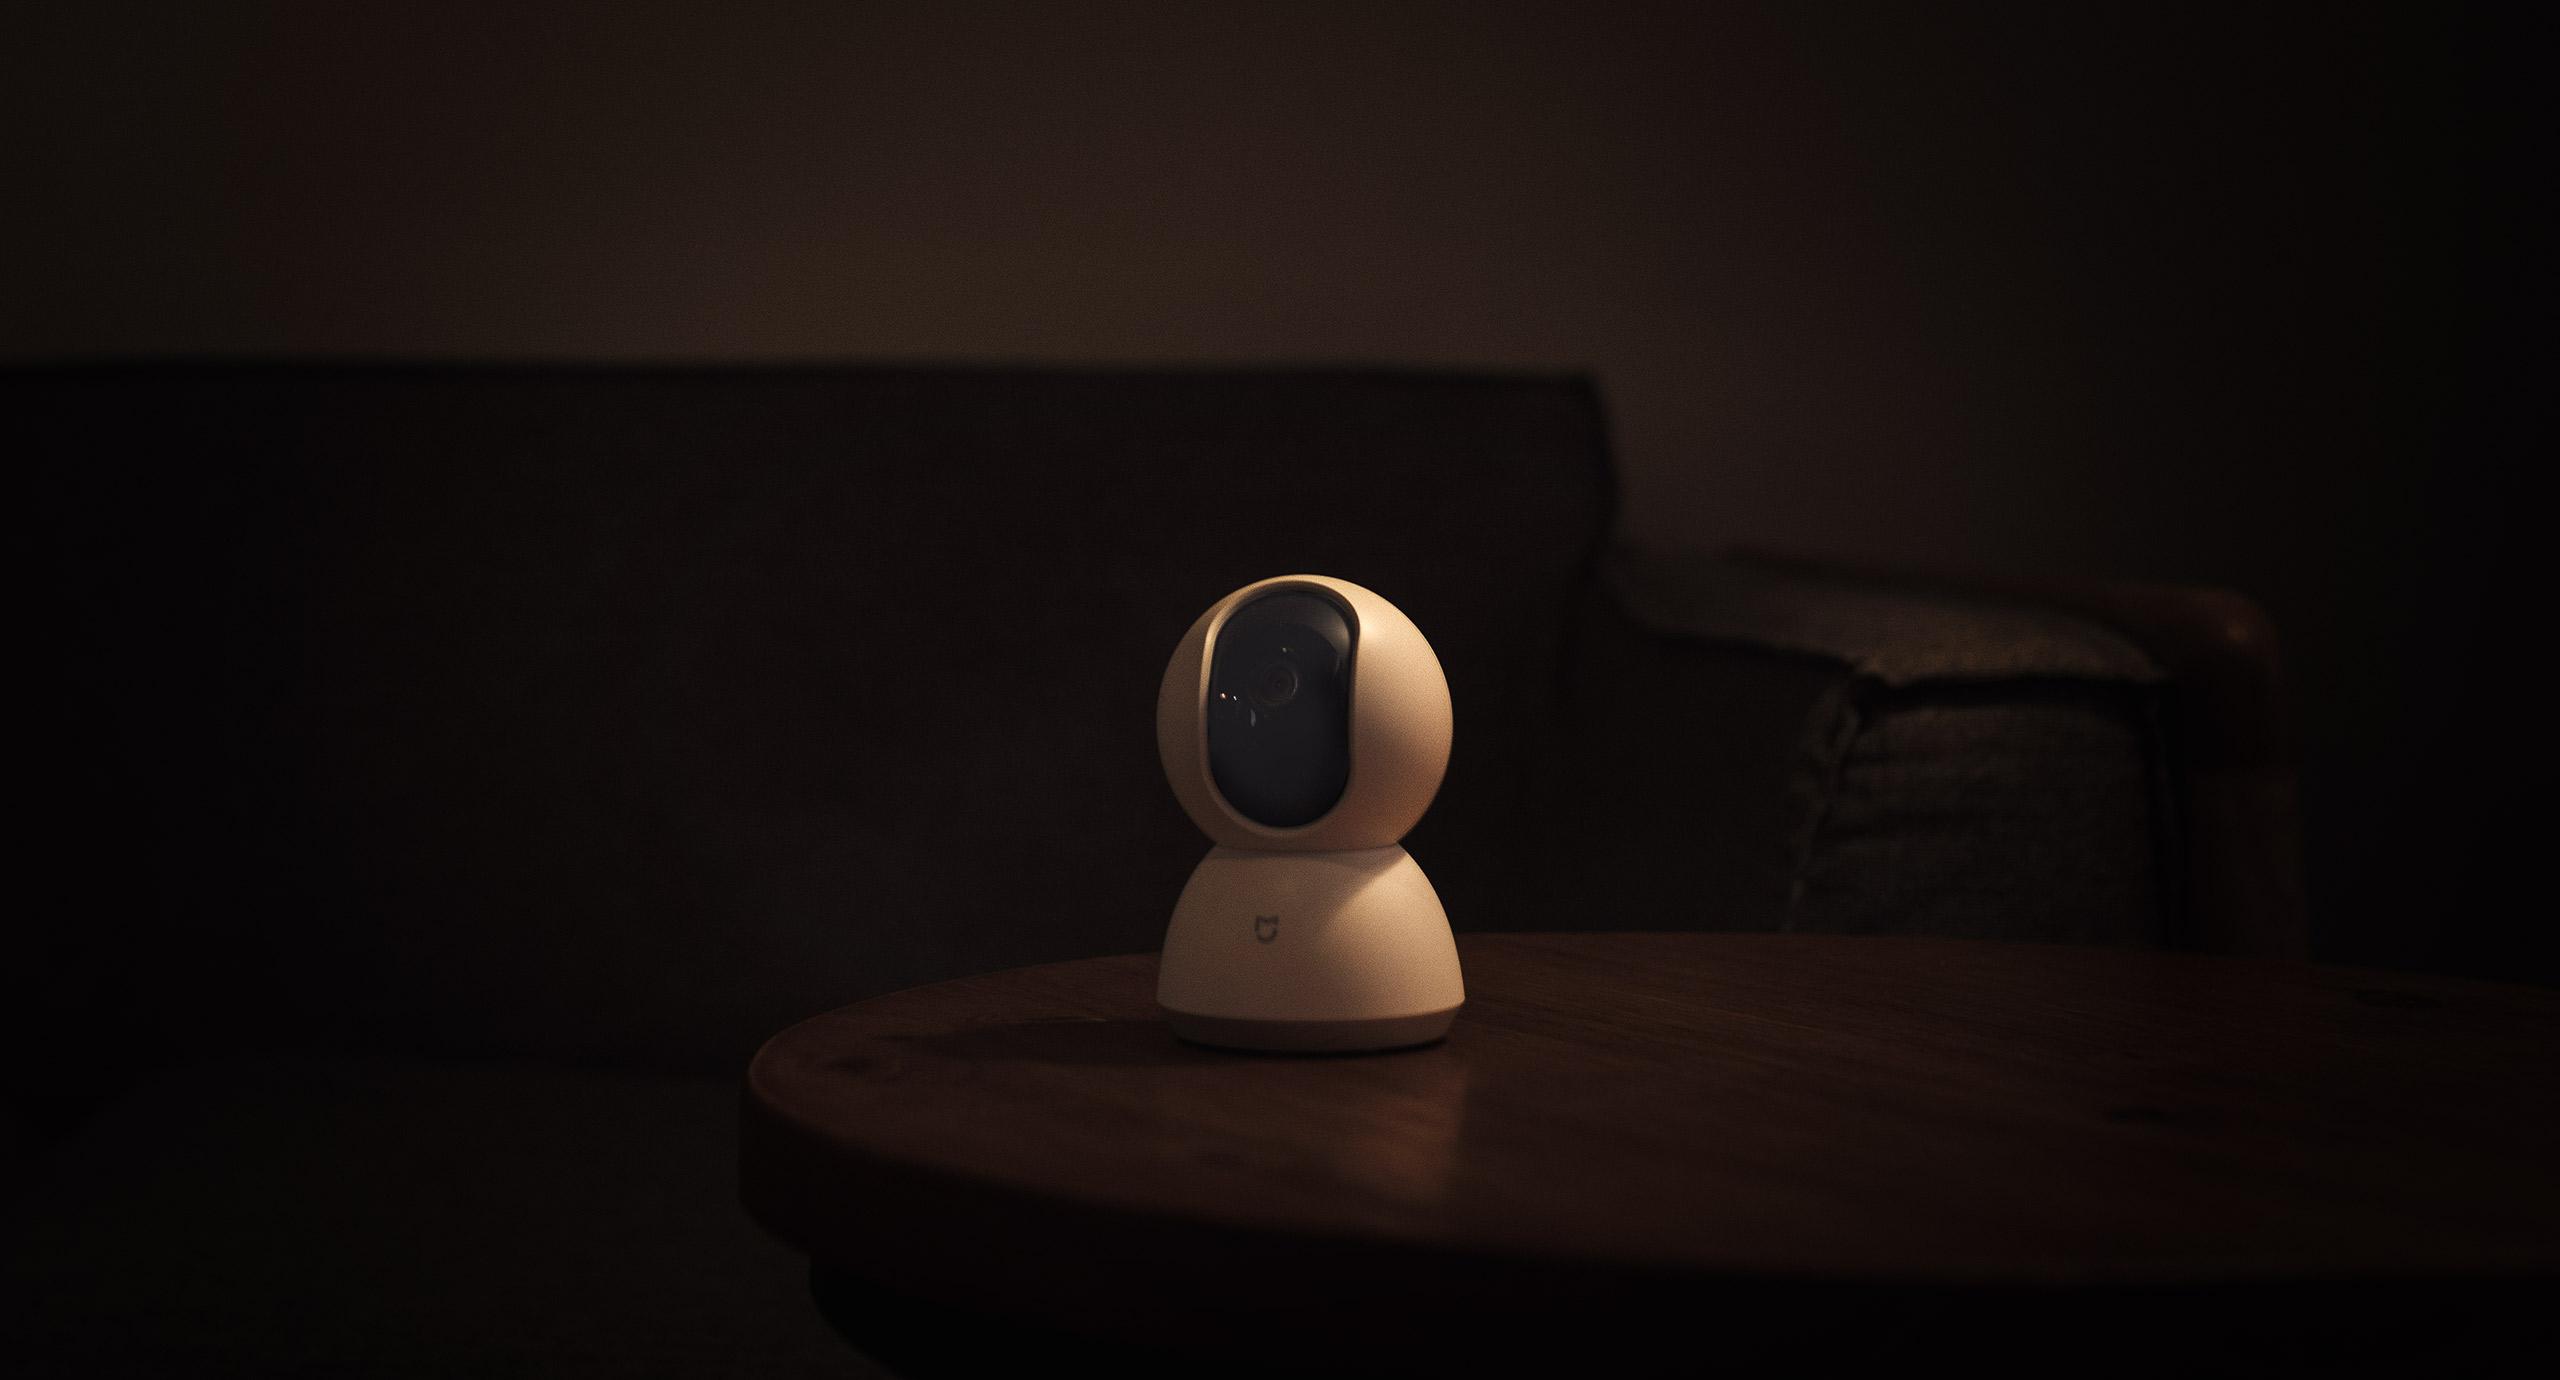 米家智能摄像机云台版